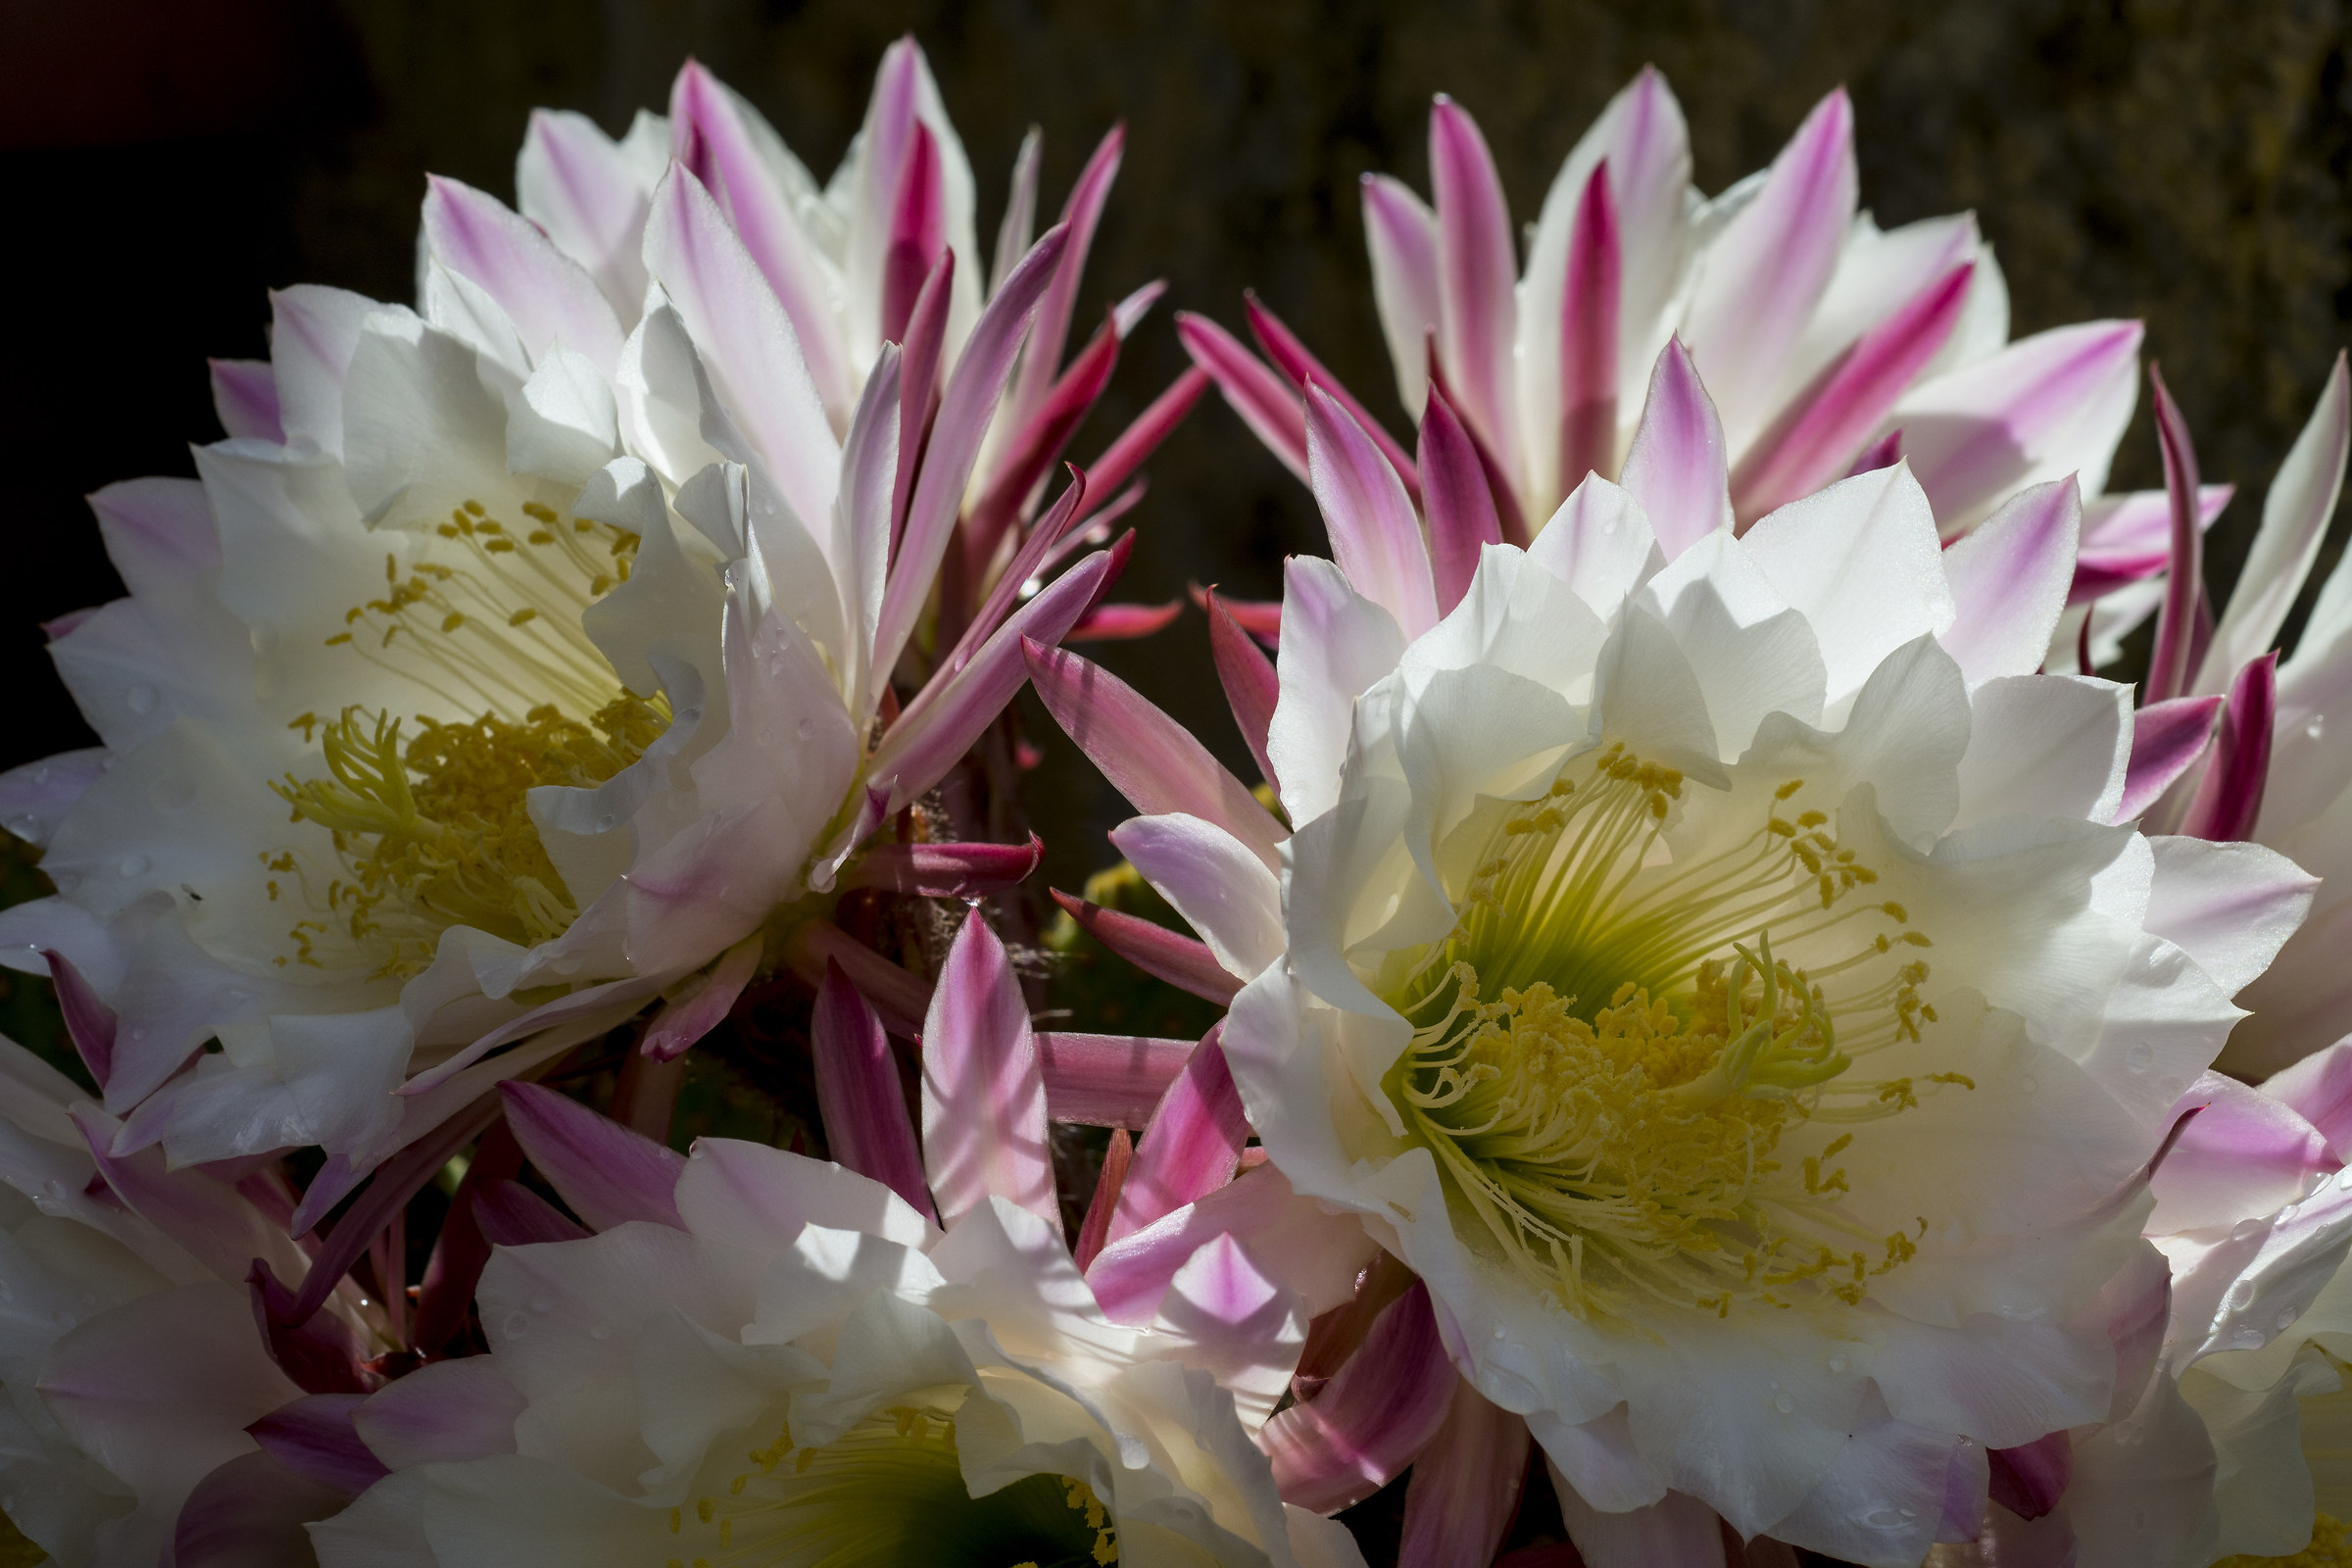 Fiori di cactus appena sbocciati...